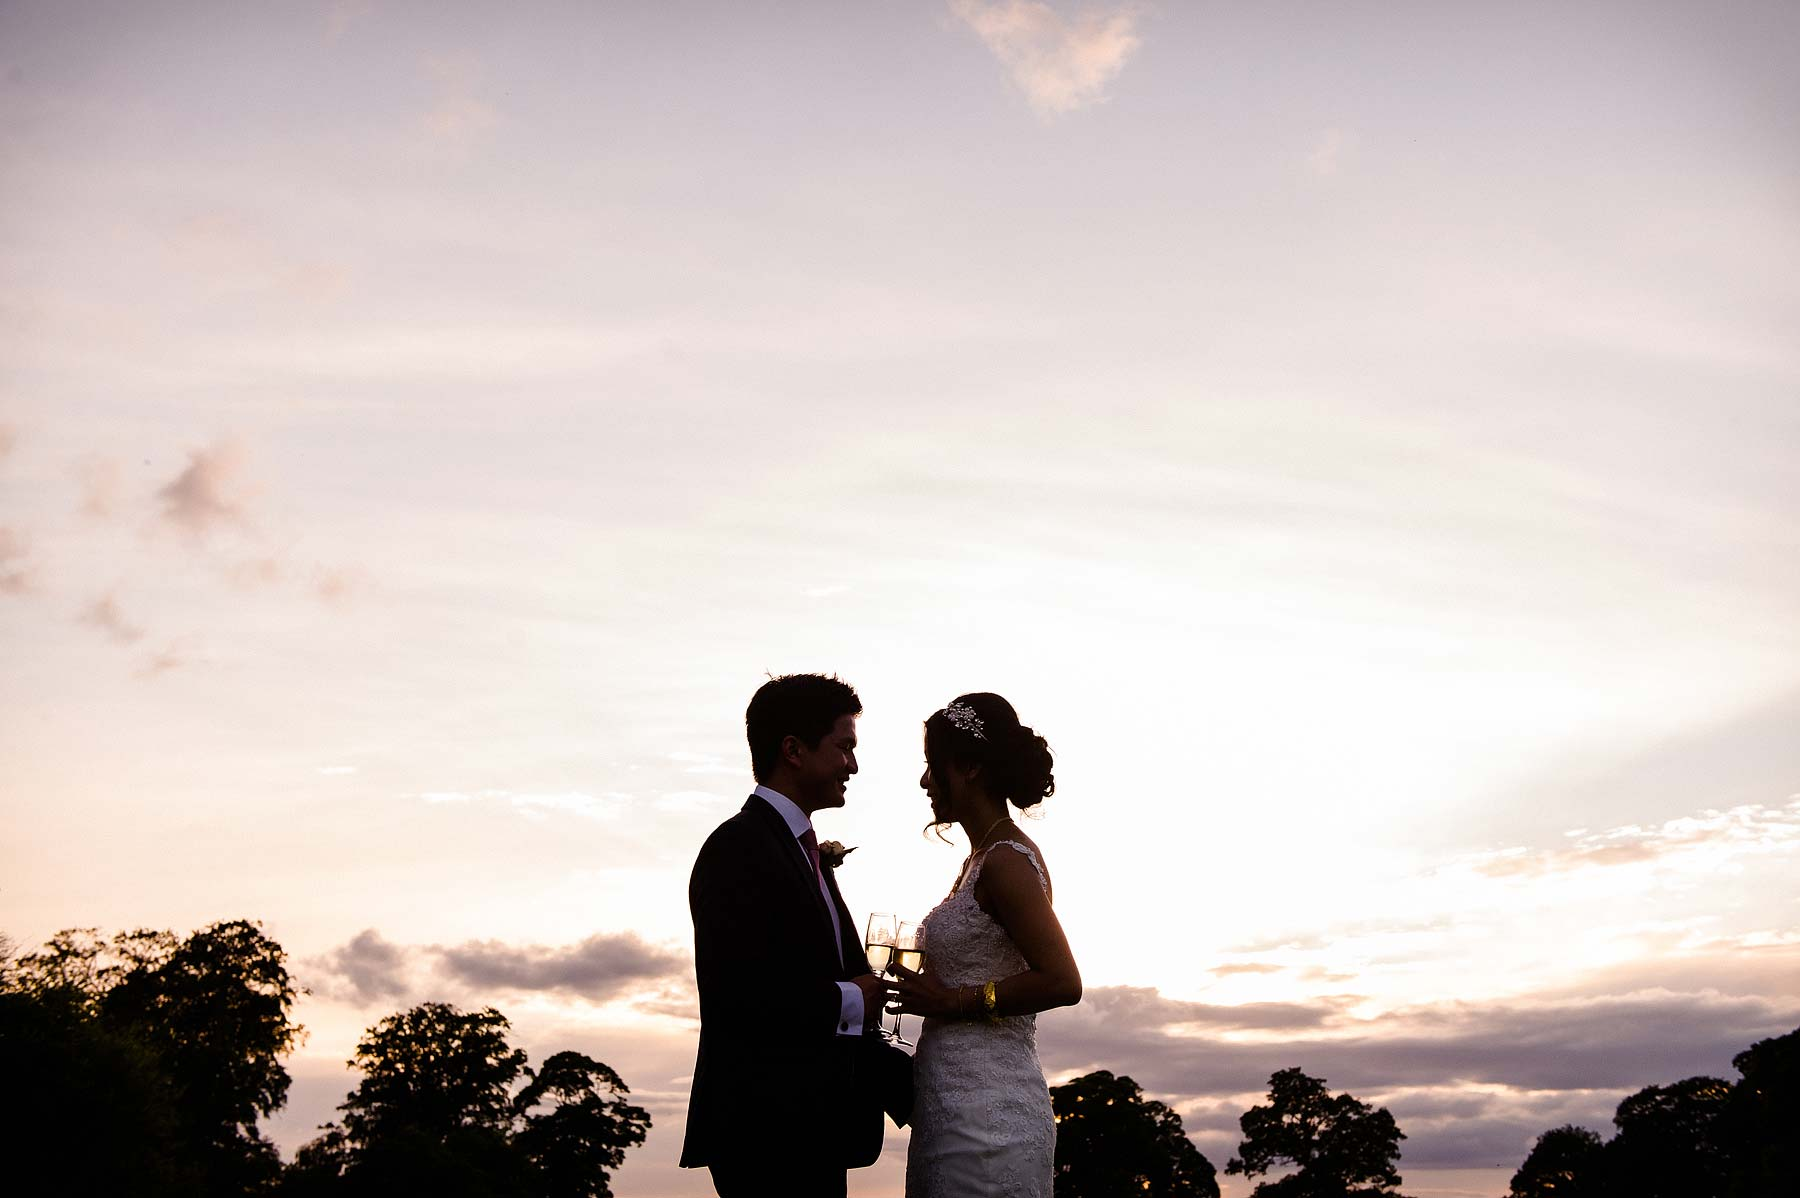 sandon-hall-wedding-photographer-006